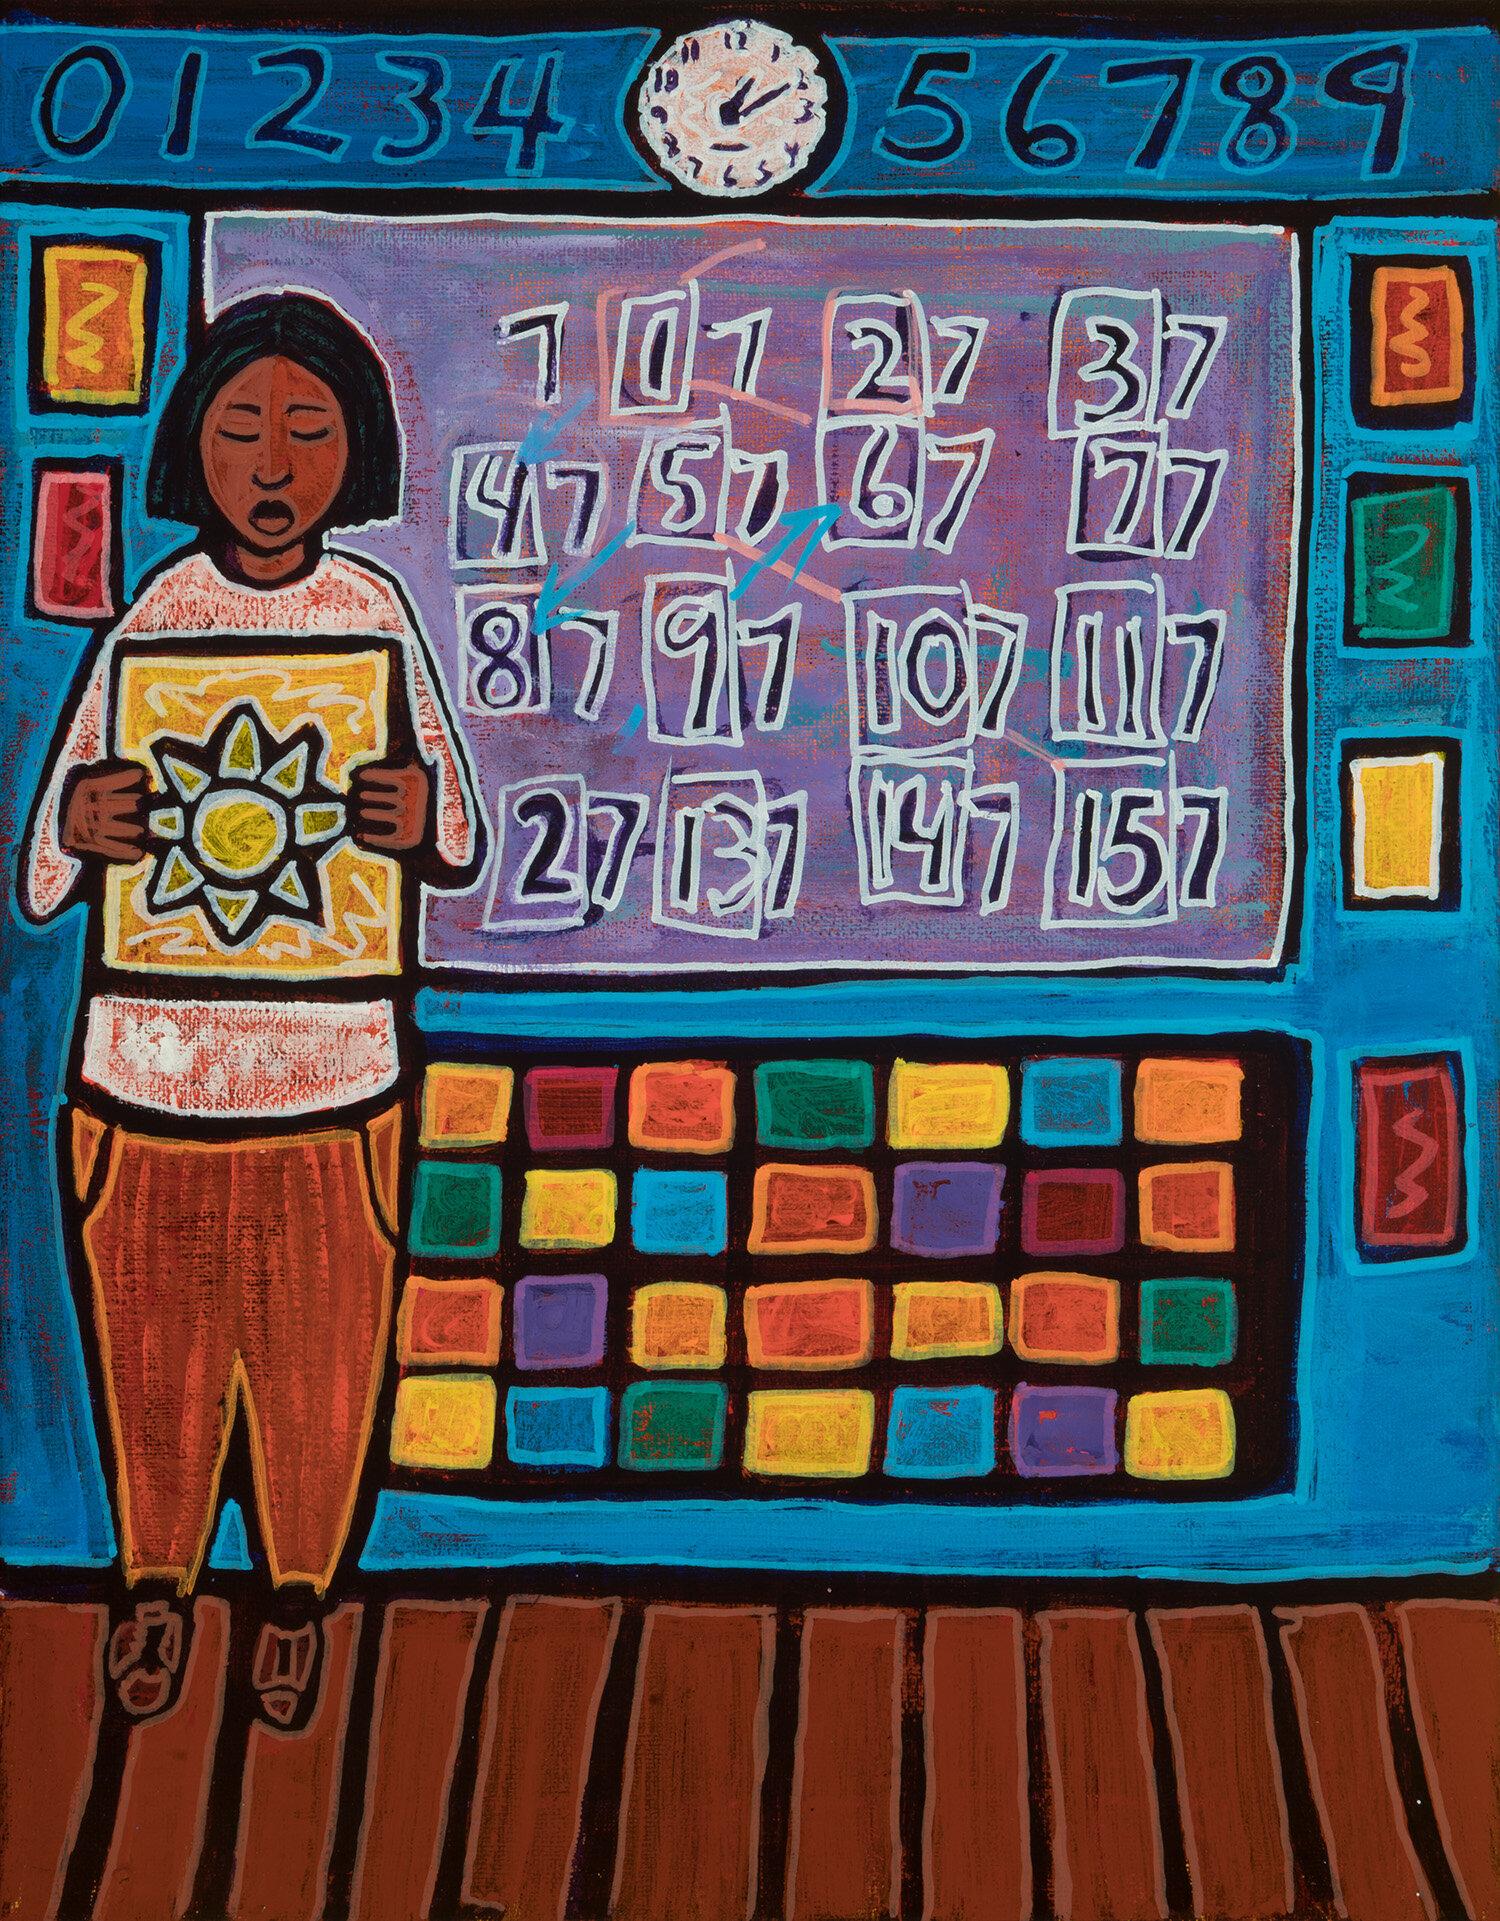 maestra, 2019, mixed media on canvas, 11x14